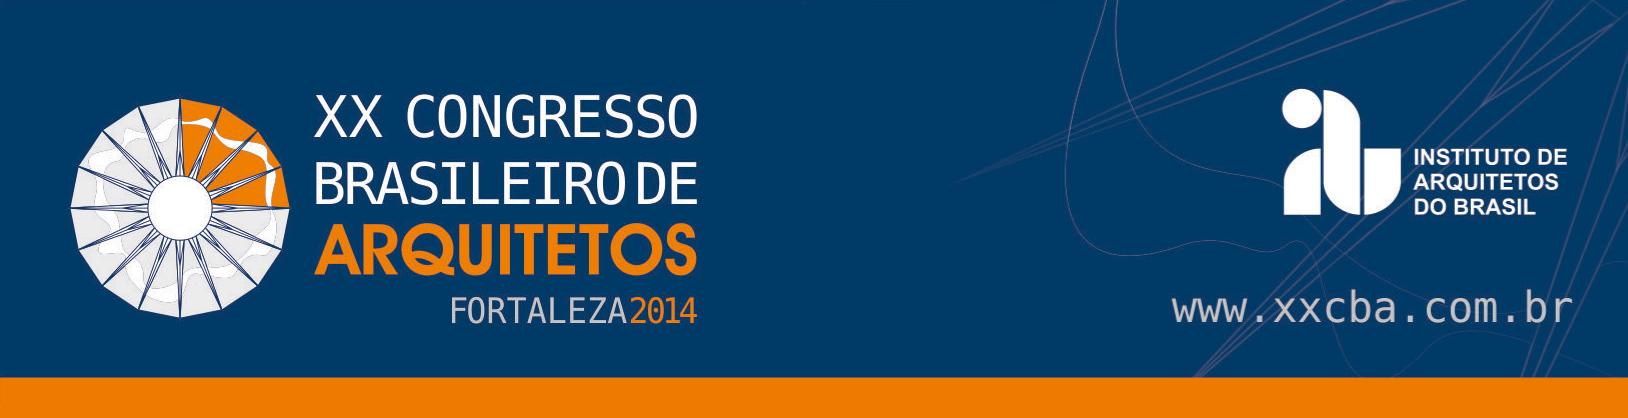 Projetos de urbanismo e habitação social brasileiros serão discutidos no XX CBA